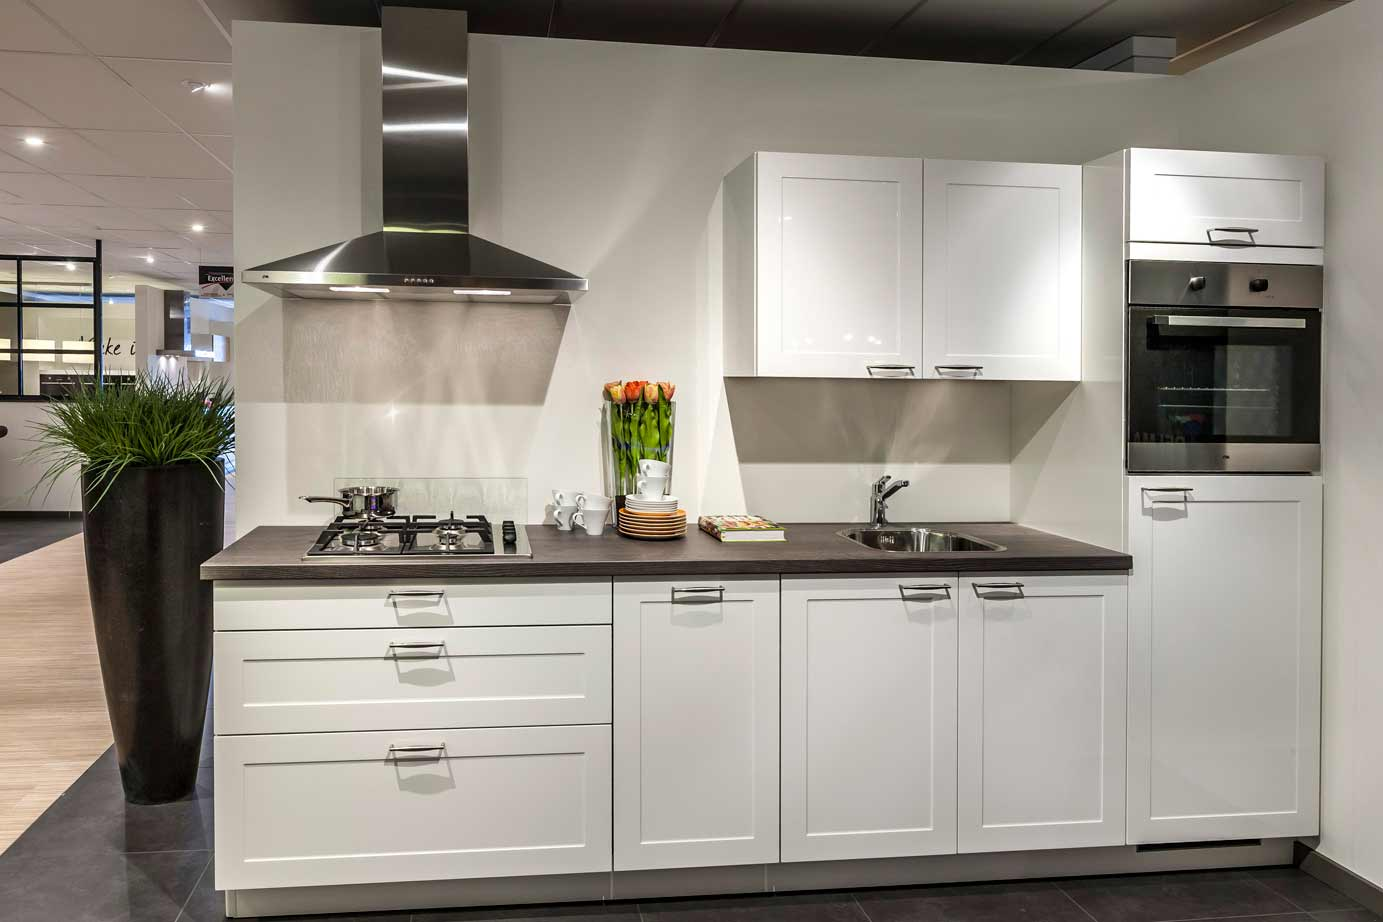 Handgrepen Keuken Prijs : Alle keuken voorbeelden Bekijk de grote collectie DB